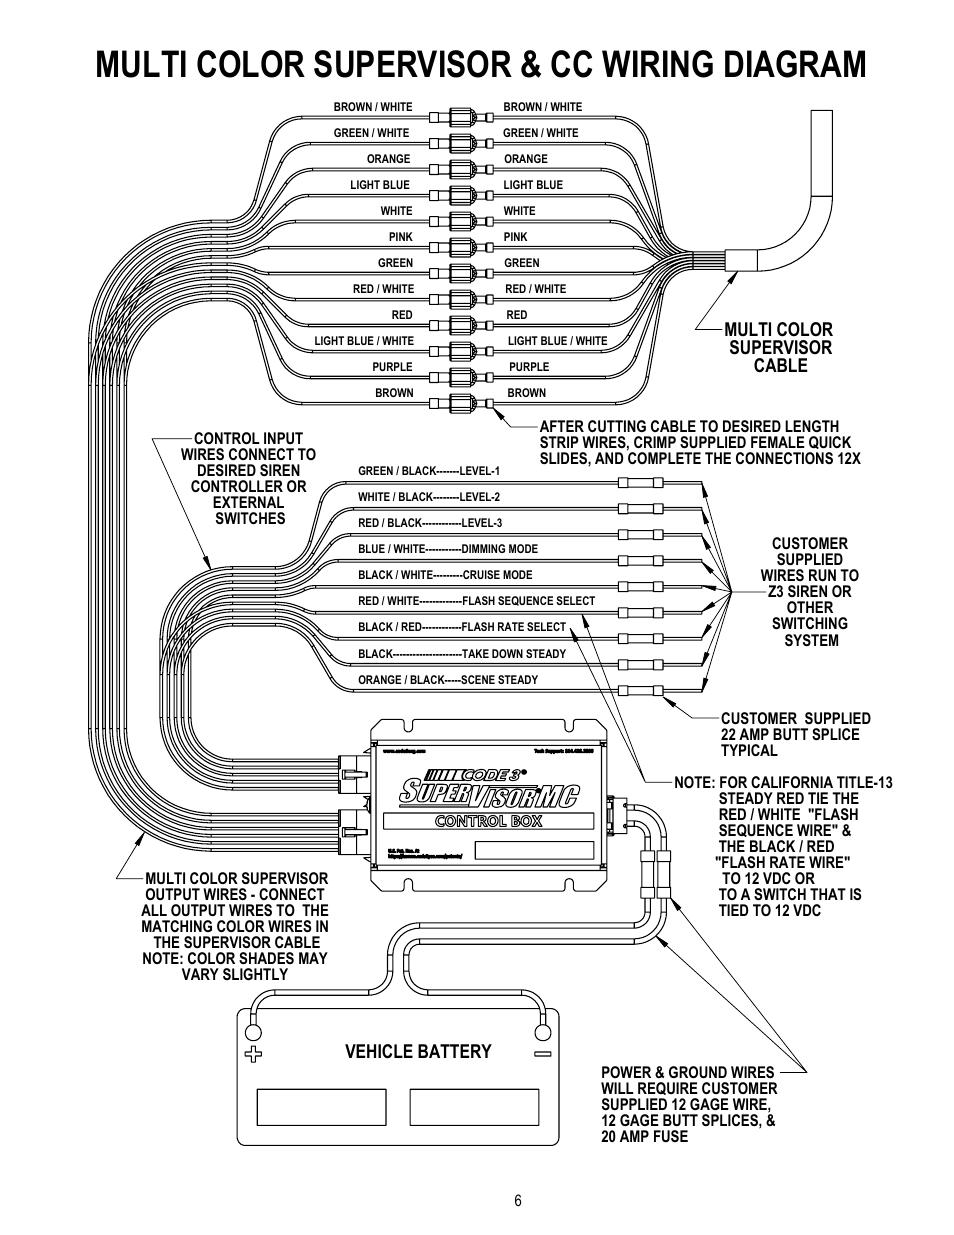 Code 3 Excalibur Wiring Diagram - Fwq.convertigo.de • Code Mx Wiring Diagram on taotao atv wiring diagram, 3 wire diagram, bosch oxygen sensor wiring diagram, whelen wiring diagram, 911ep wiring diagram, viper alarm wiring diagram, tao tao 110 wiring diagram, beacon light wiring diagram, lightbar wiring diagram, galls wiring diagram, federal signal wiring diagram,